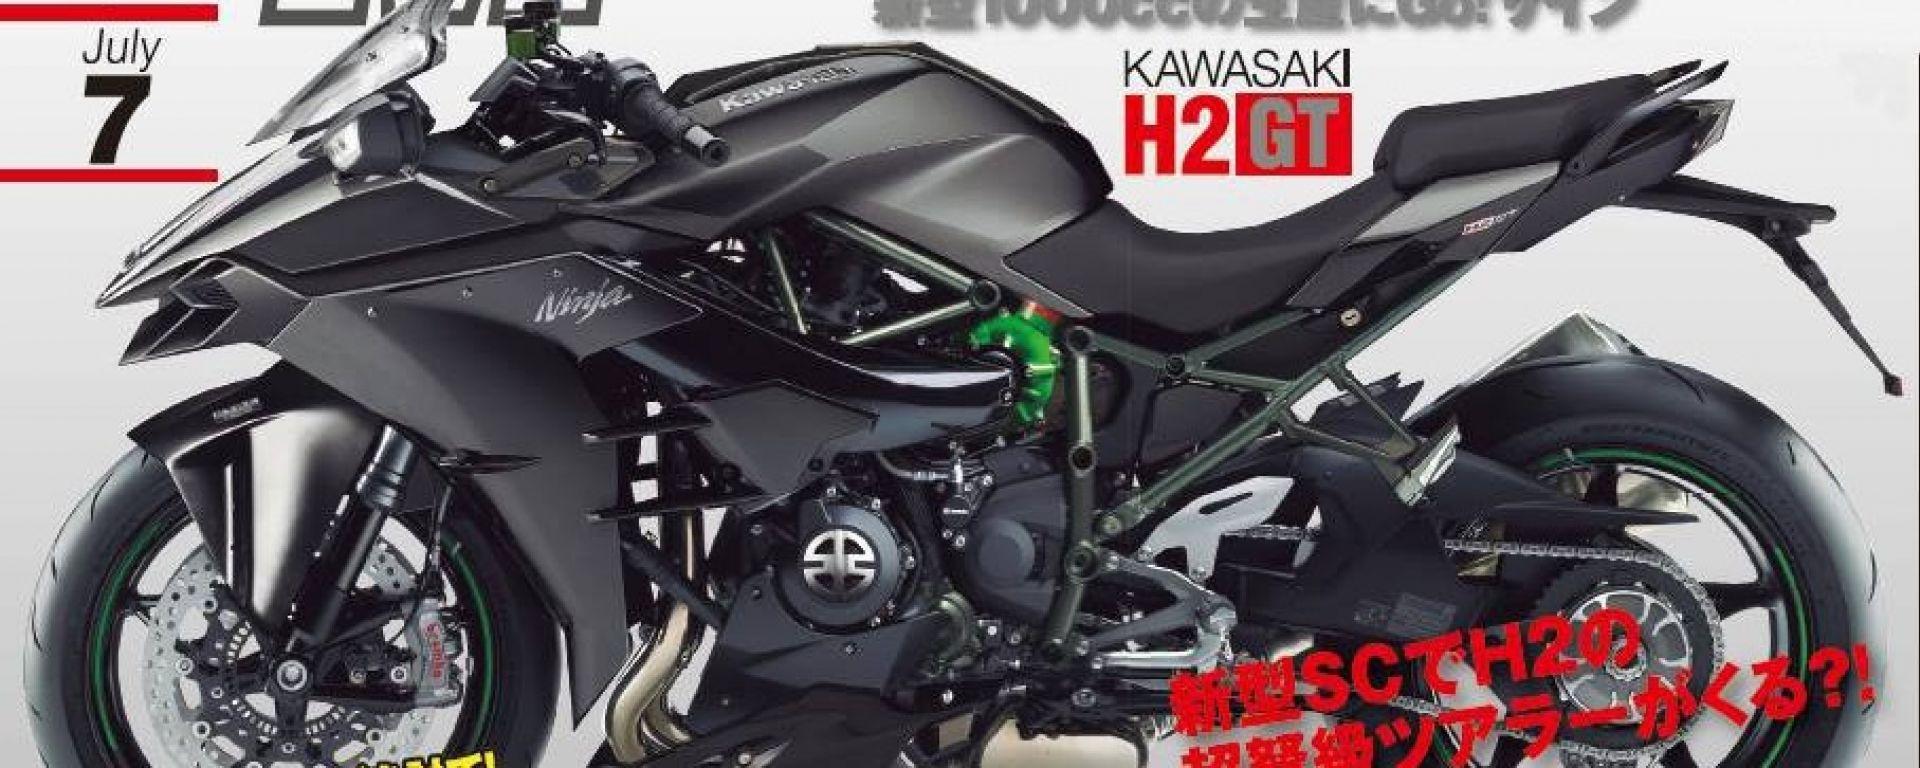 Kawasaki H2 GT: Ecco un rendering di come potrebbe essere questa